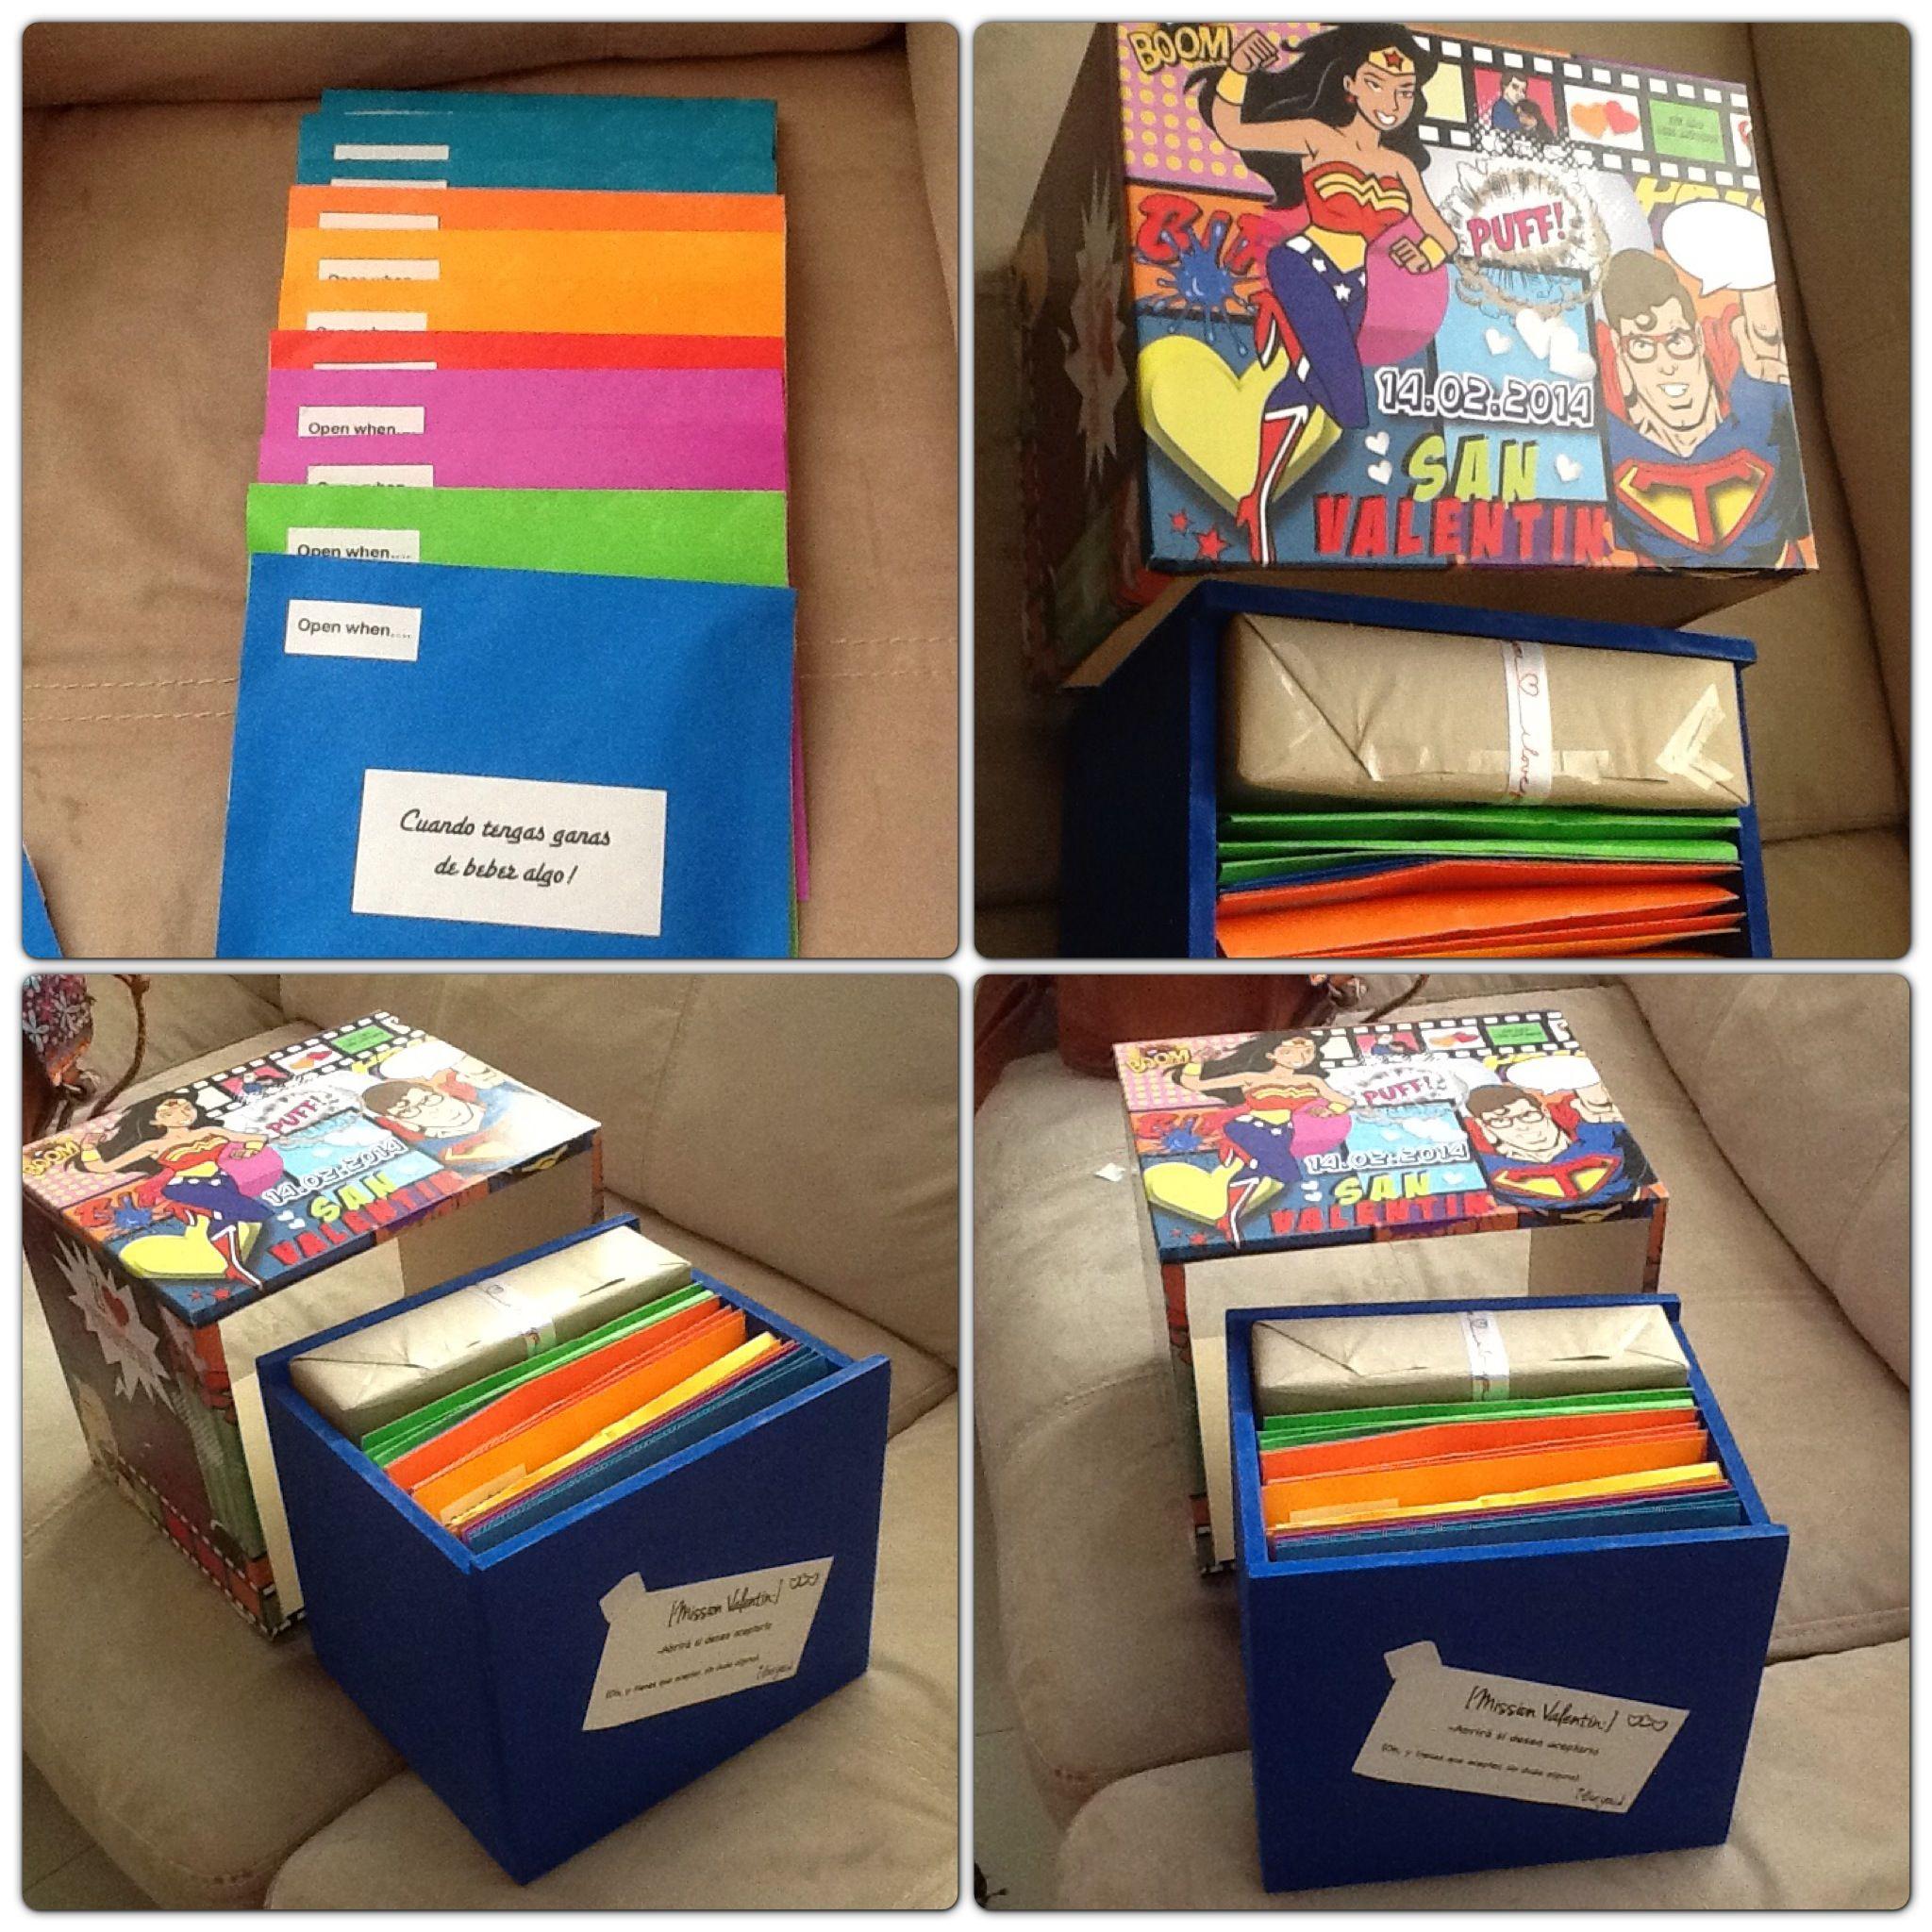 la caja incluye comic tarjetas open when y un regalo sorpresa